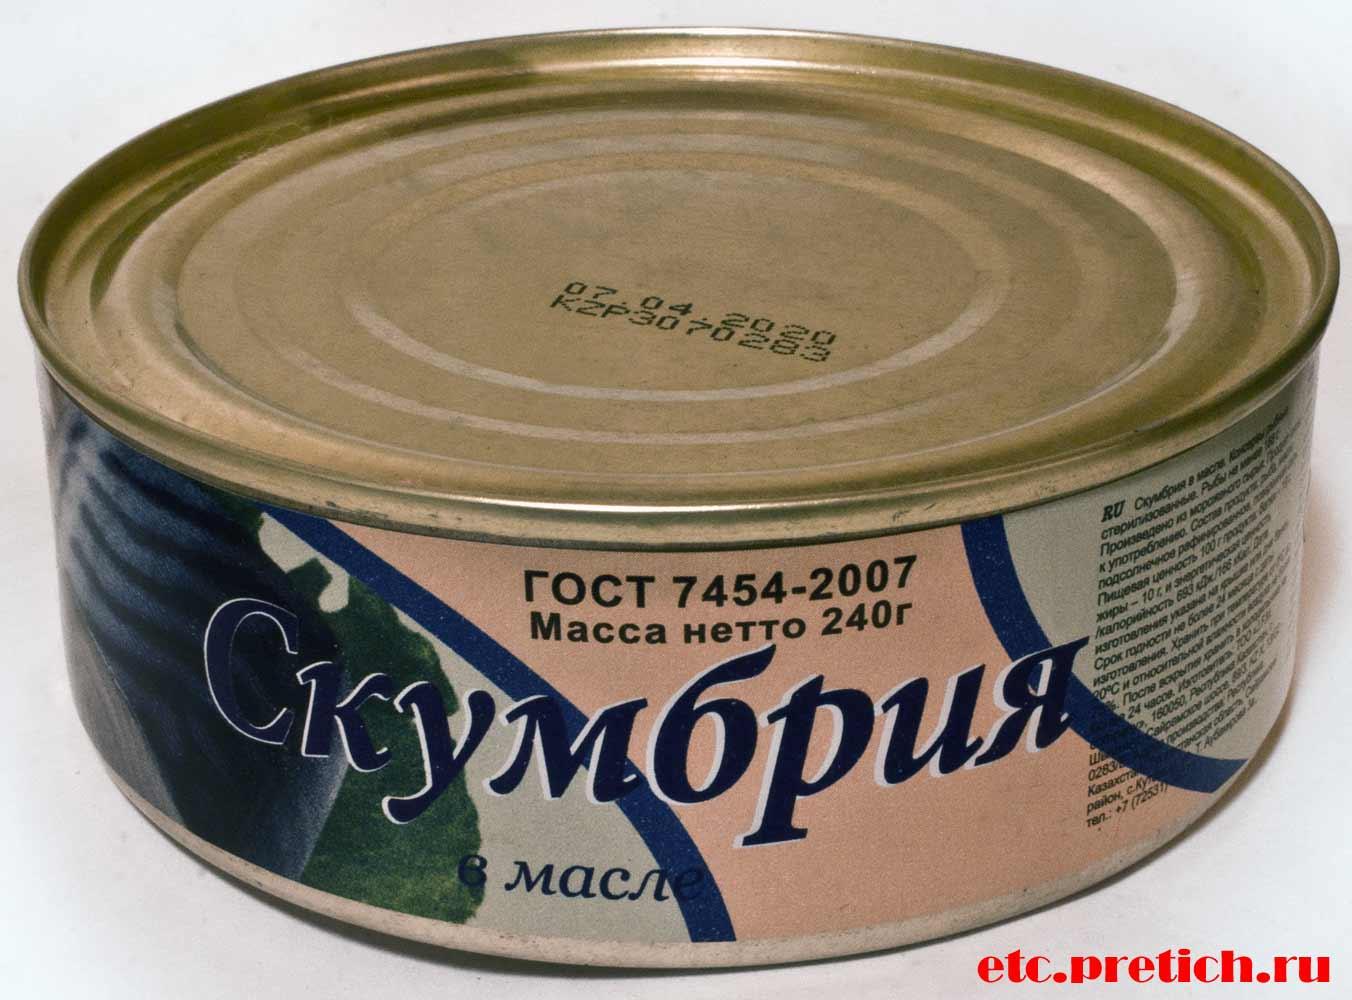 Скумбрия в масле J.F.M. Company - отзыв на консерву